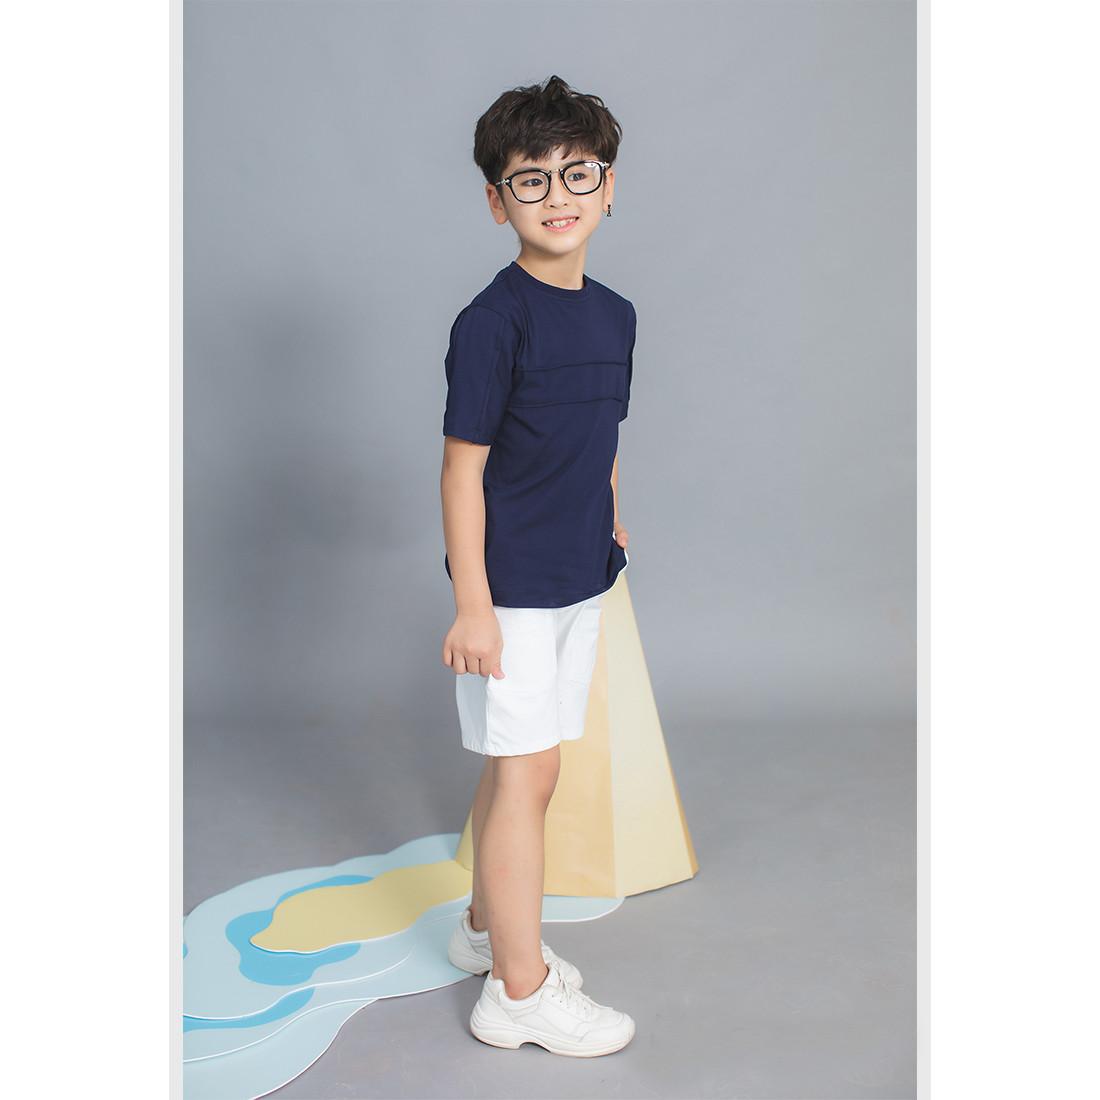 Set bộ BT áo thun xanh đen quần kaki trắng Lovekids - LK0344 - 4y